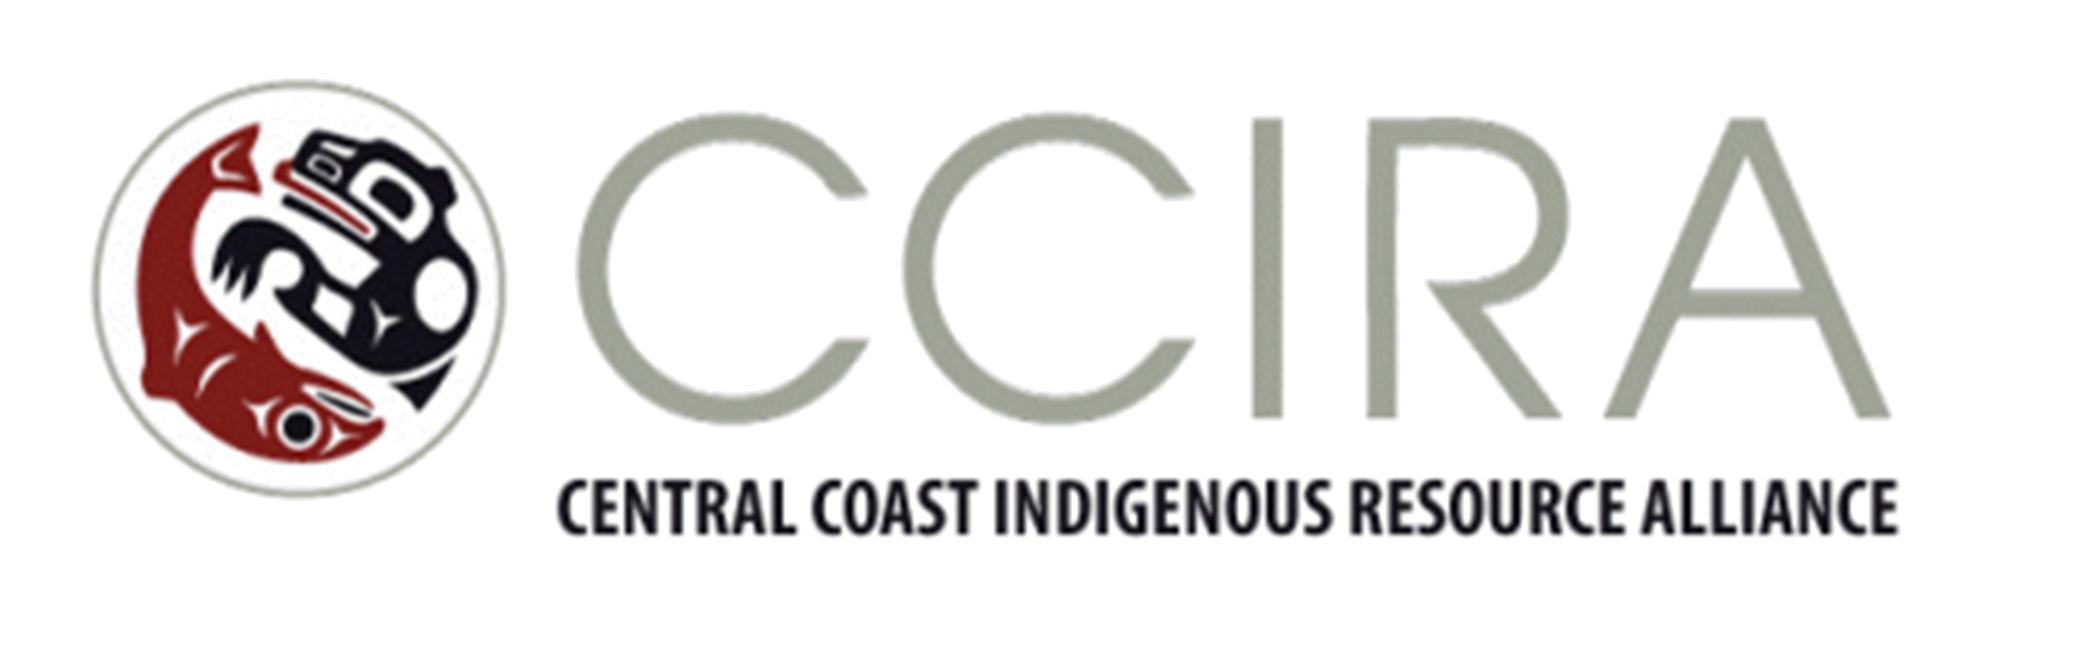 CCIRA logo transparent